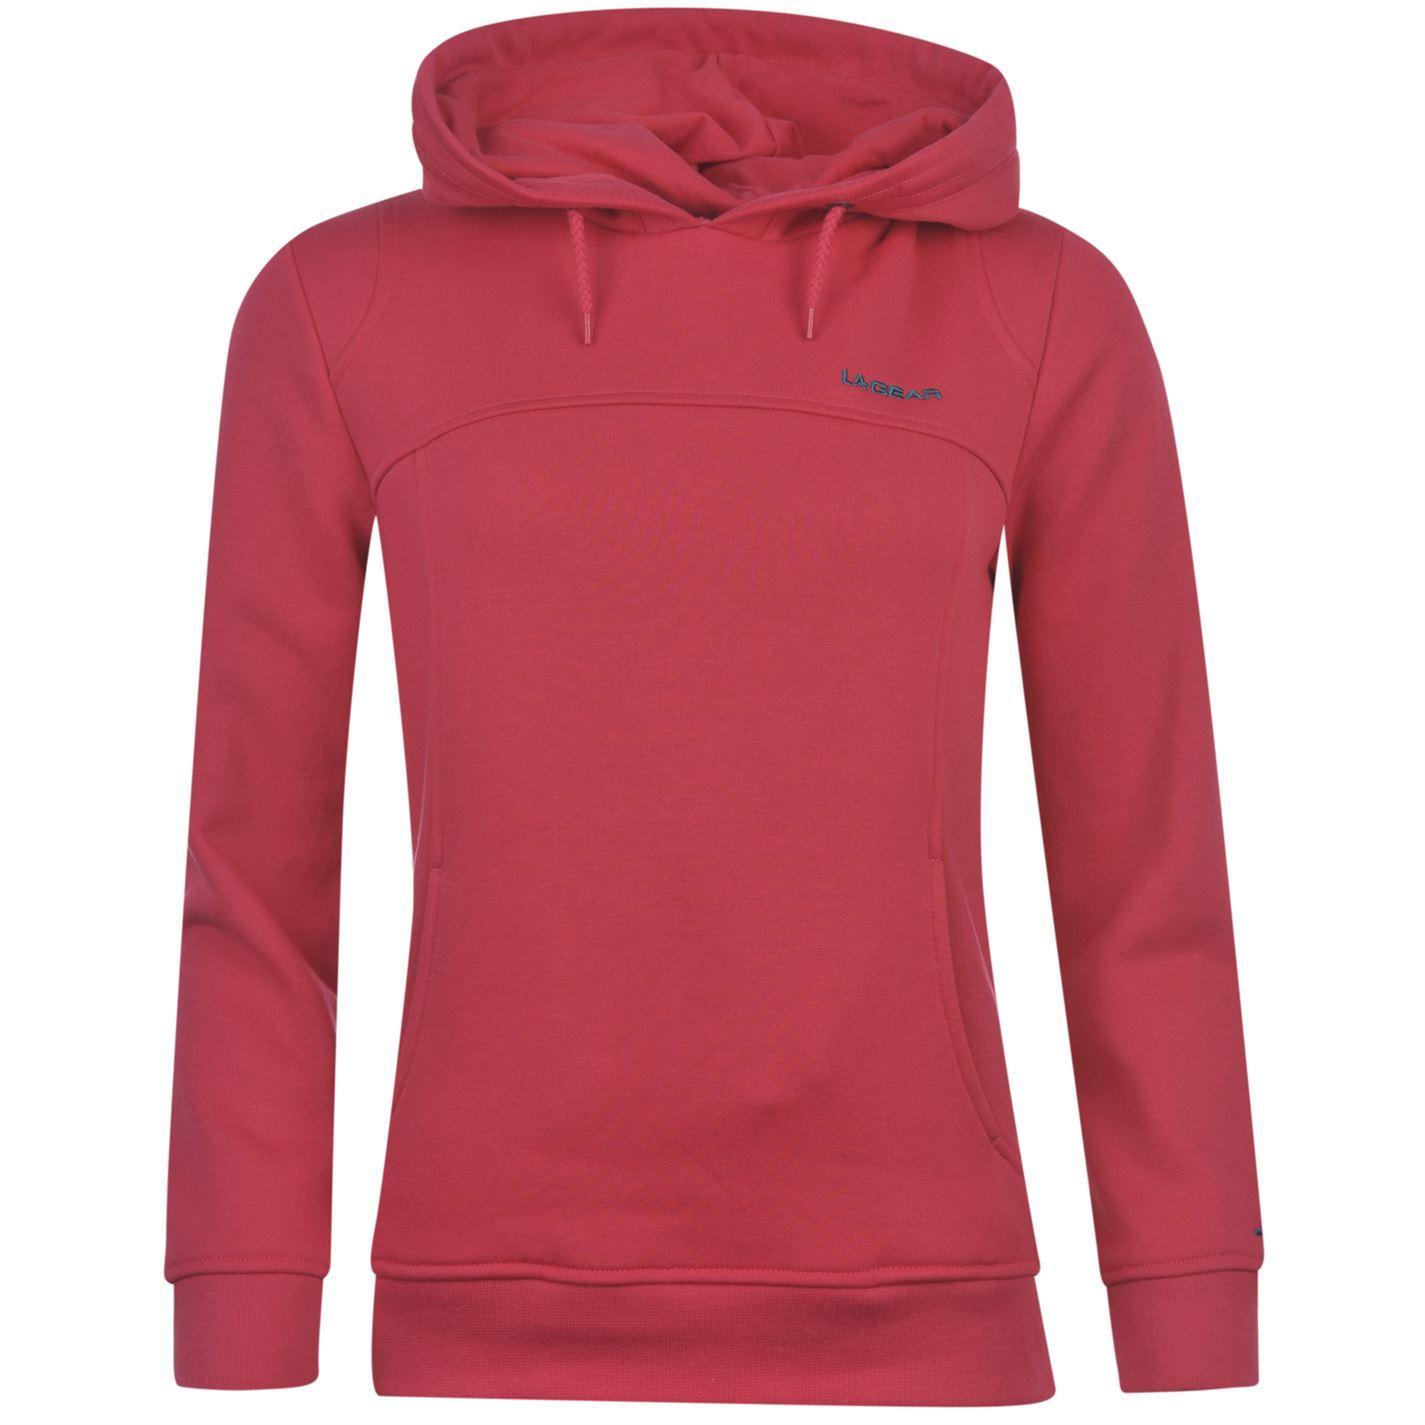 la gear womens oth hoody ladies long sleeve casual hoodie sweat top. Black Bedroom Furniture Sets. Home Design Ideas